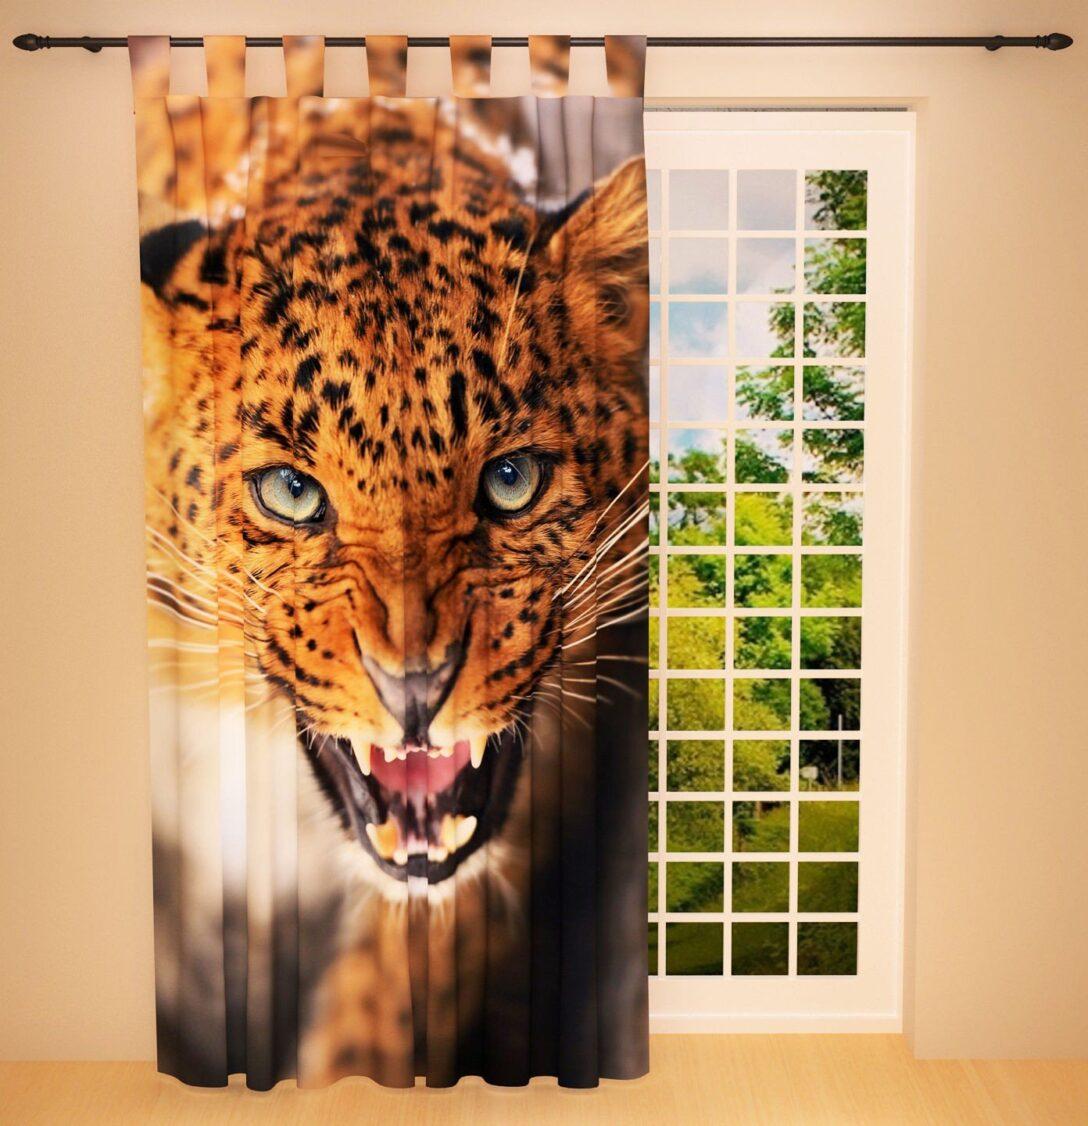 Large Size of Foto Schlaufenschal Vorhang Gardine Kinderzimmer Leopard Regale Regal Weiß Sofa Kinderzimmer Schlaufenschal Kinderzimmer